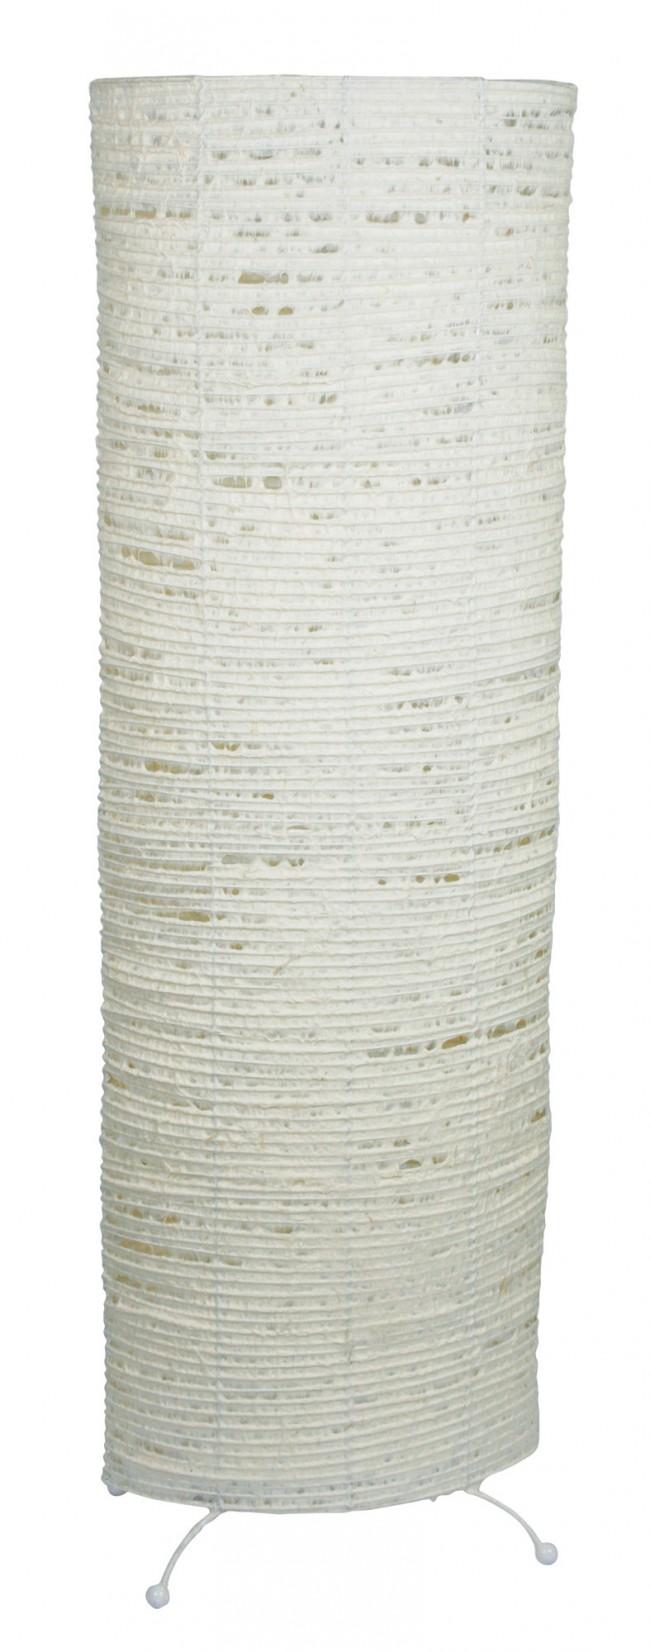 Lighting australia moora floor lamp in white paper oriel moora floor lamp in white paper oriel aloadofball Images